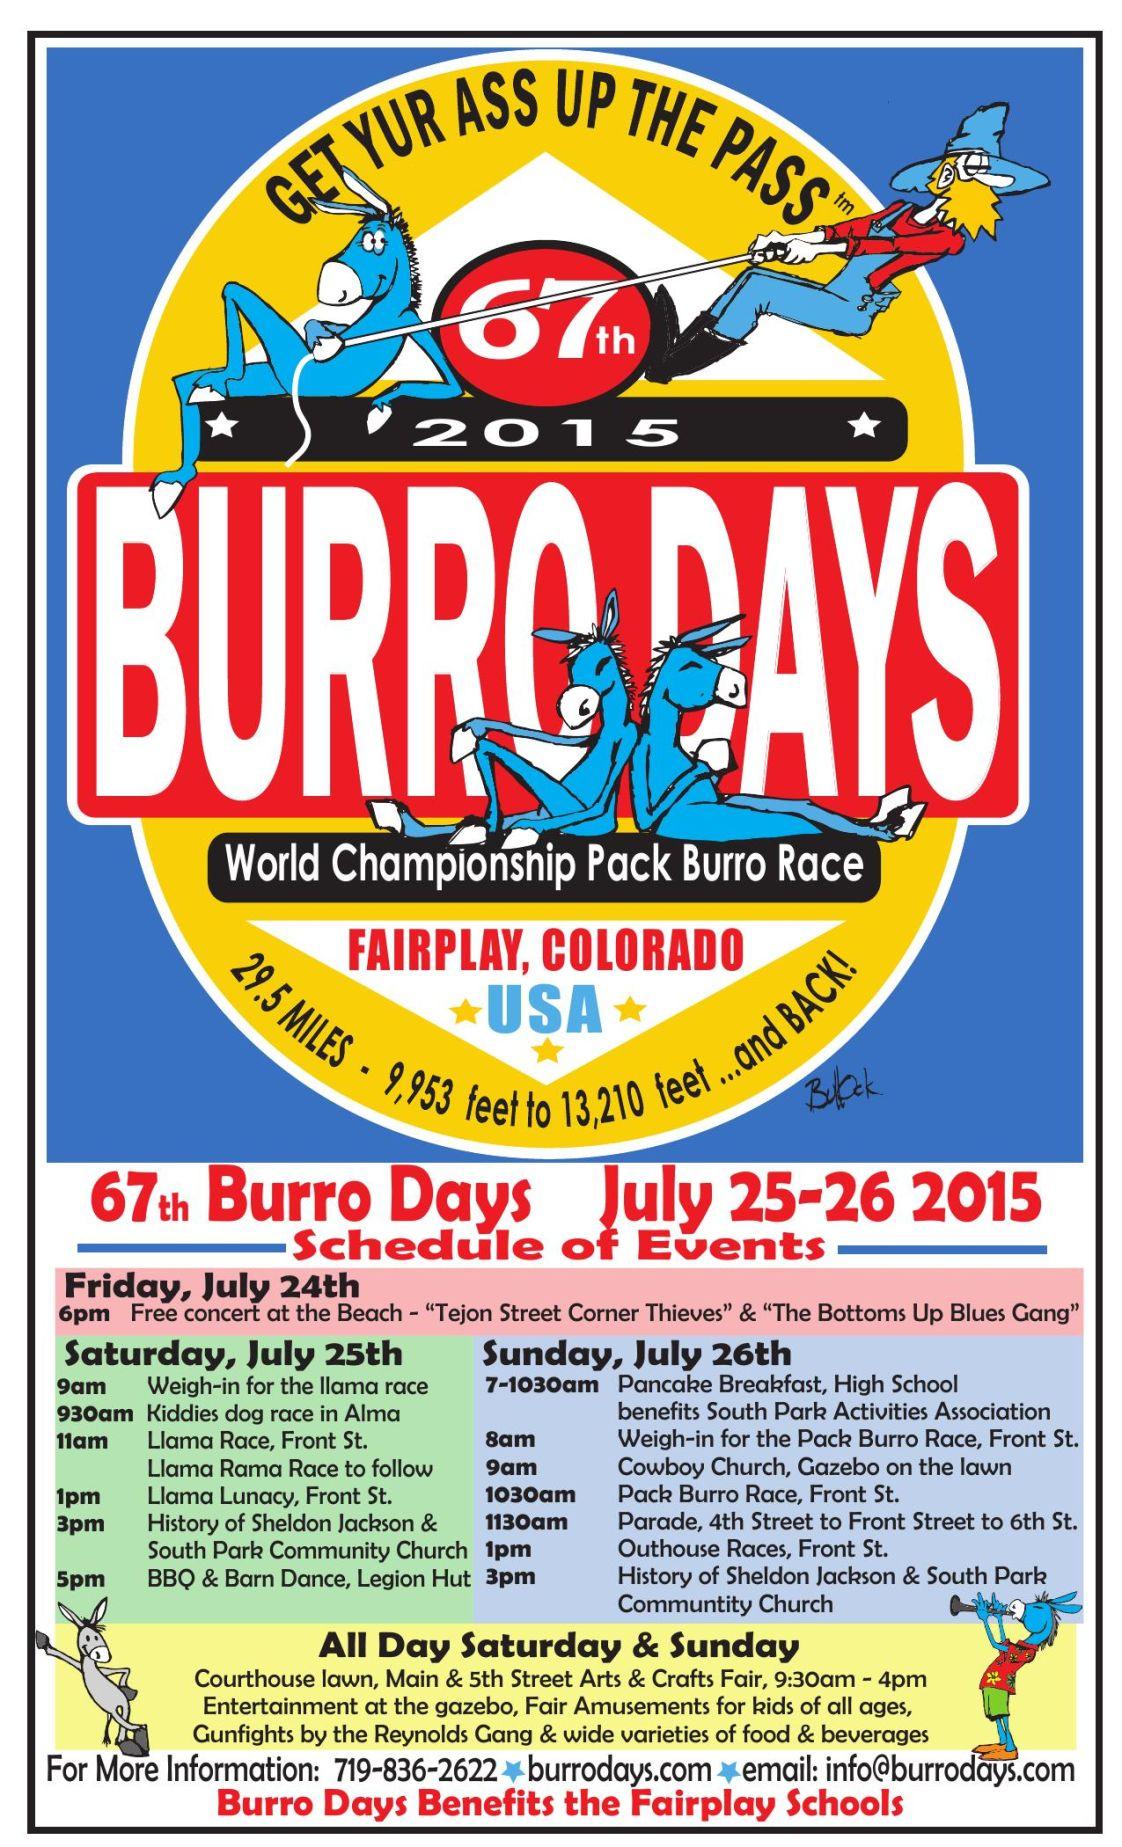 Burro days